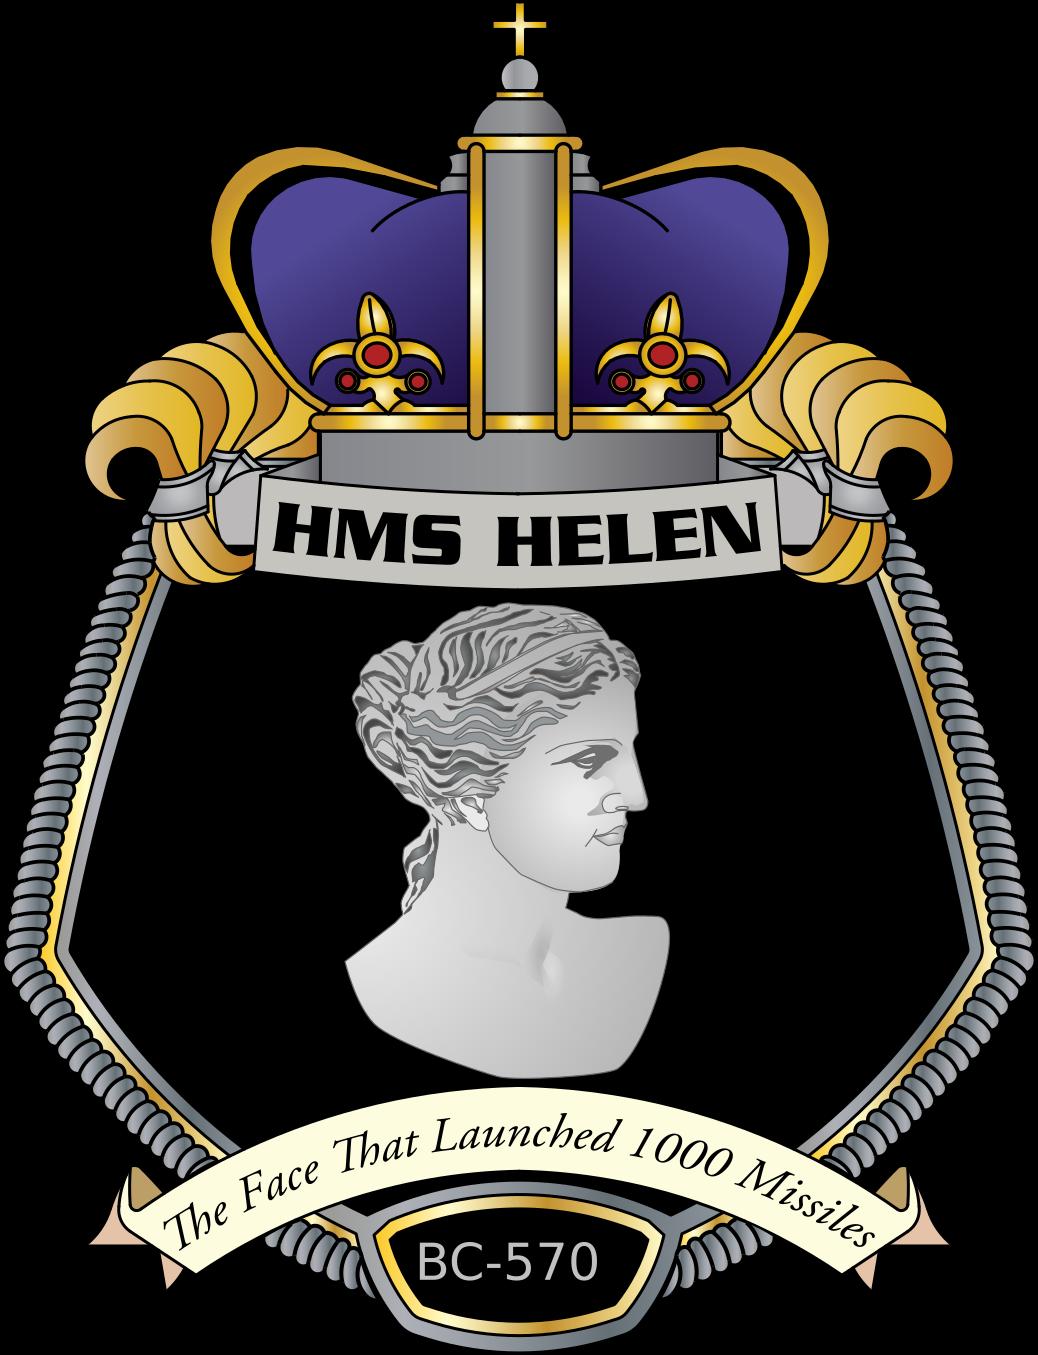 HMS Helen crest